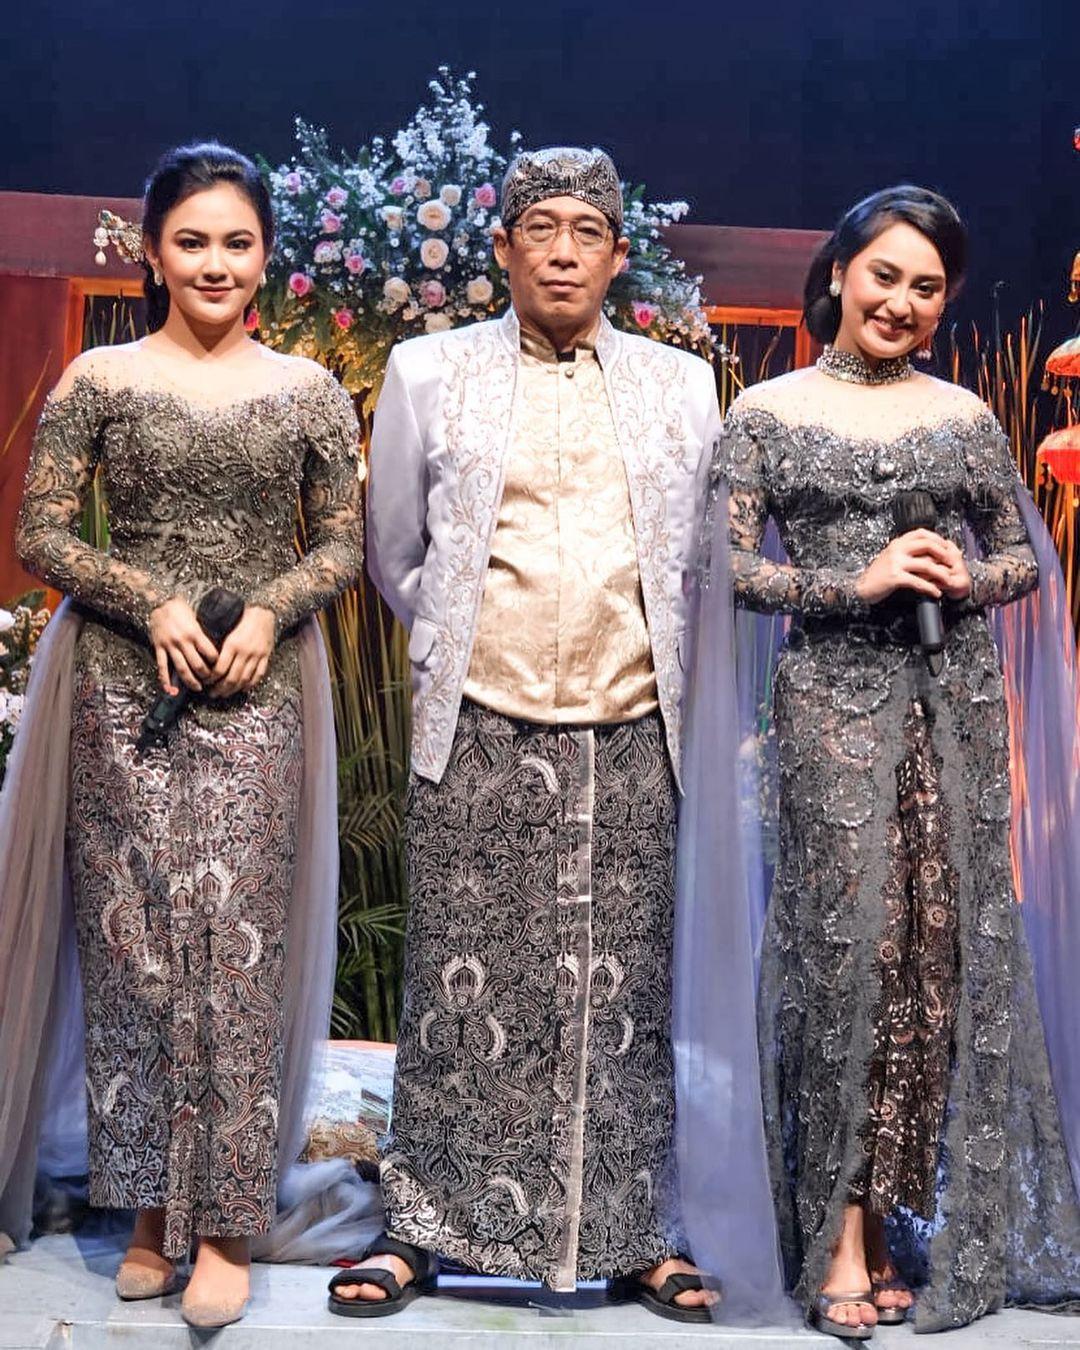 7 Potret Memesona Memes Prameswari dengan Berkebaya, Cantiknya Indonesia Banget - Foto 7